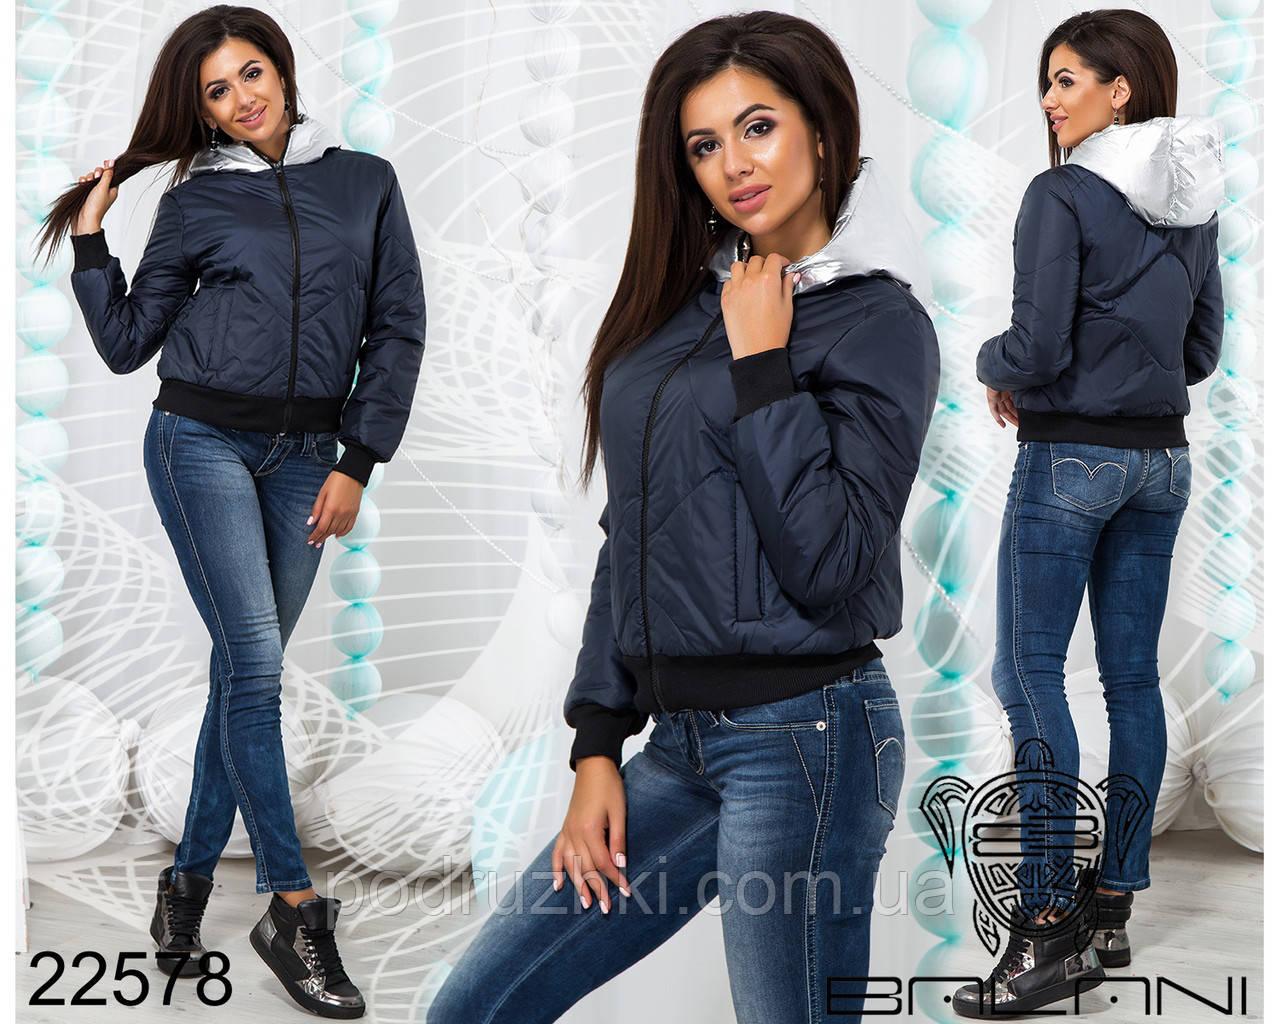 15001c8b9a1 Короткая куртка женская с капюшоном 42